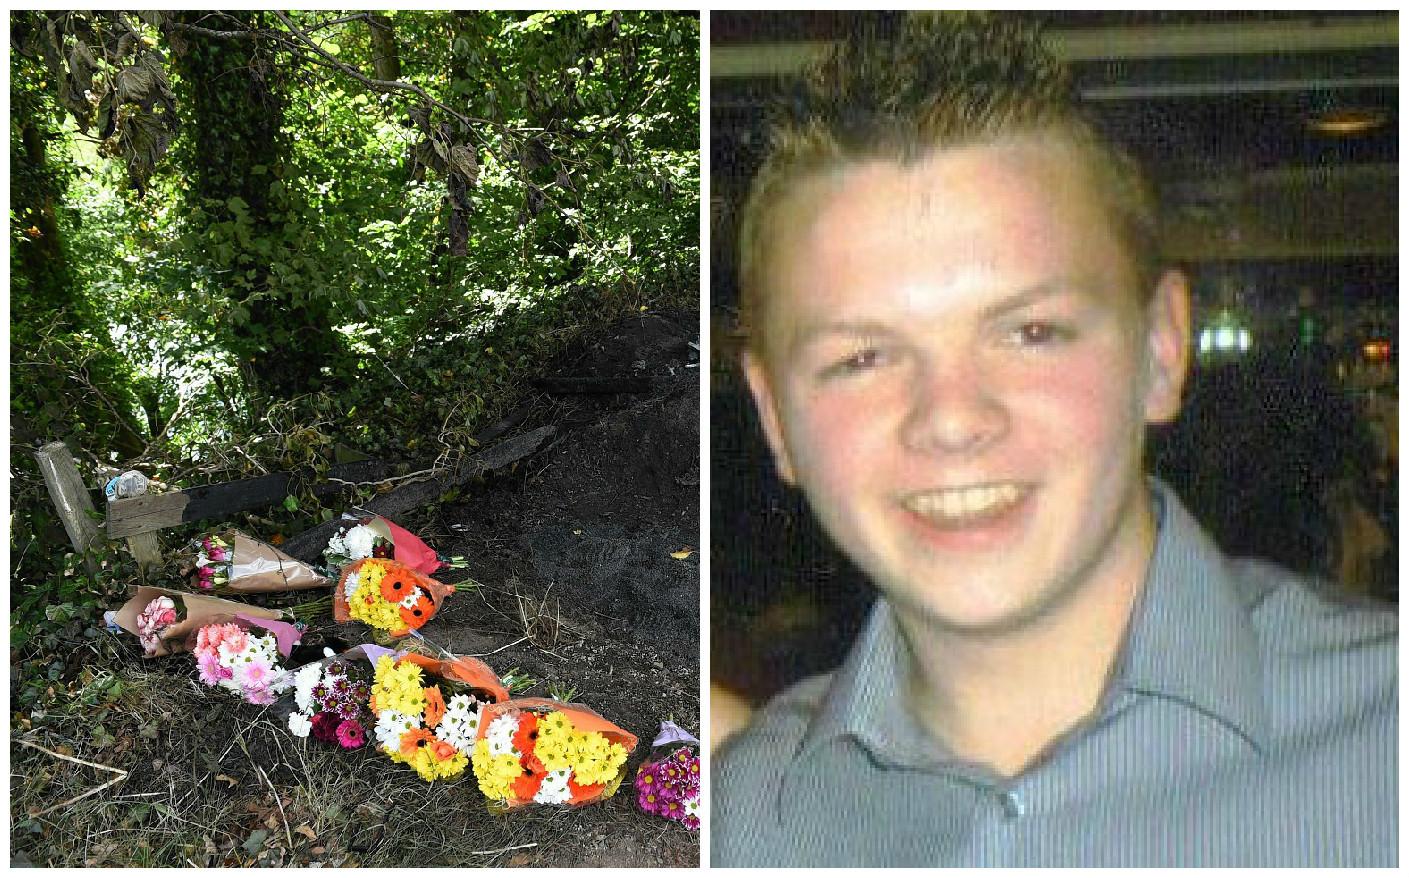 Flowers at the scene where Jordan Milne died